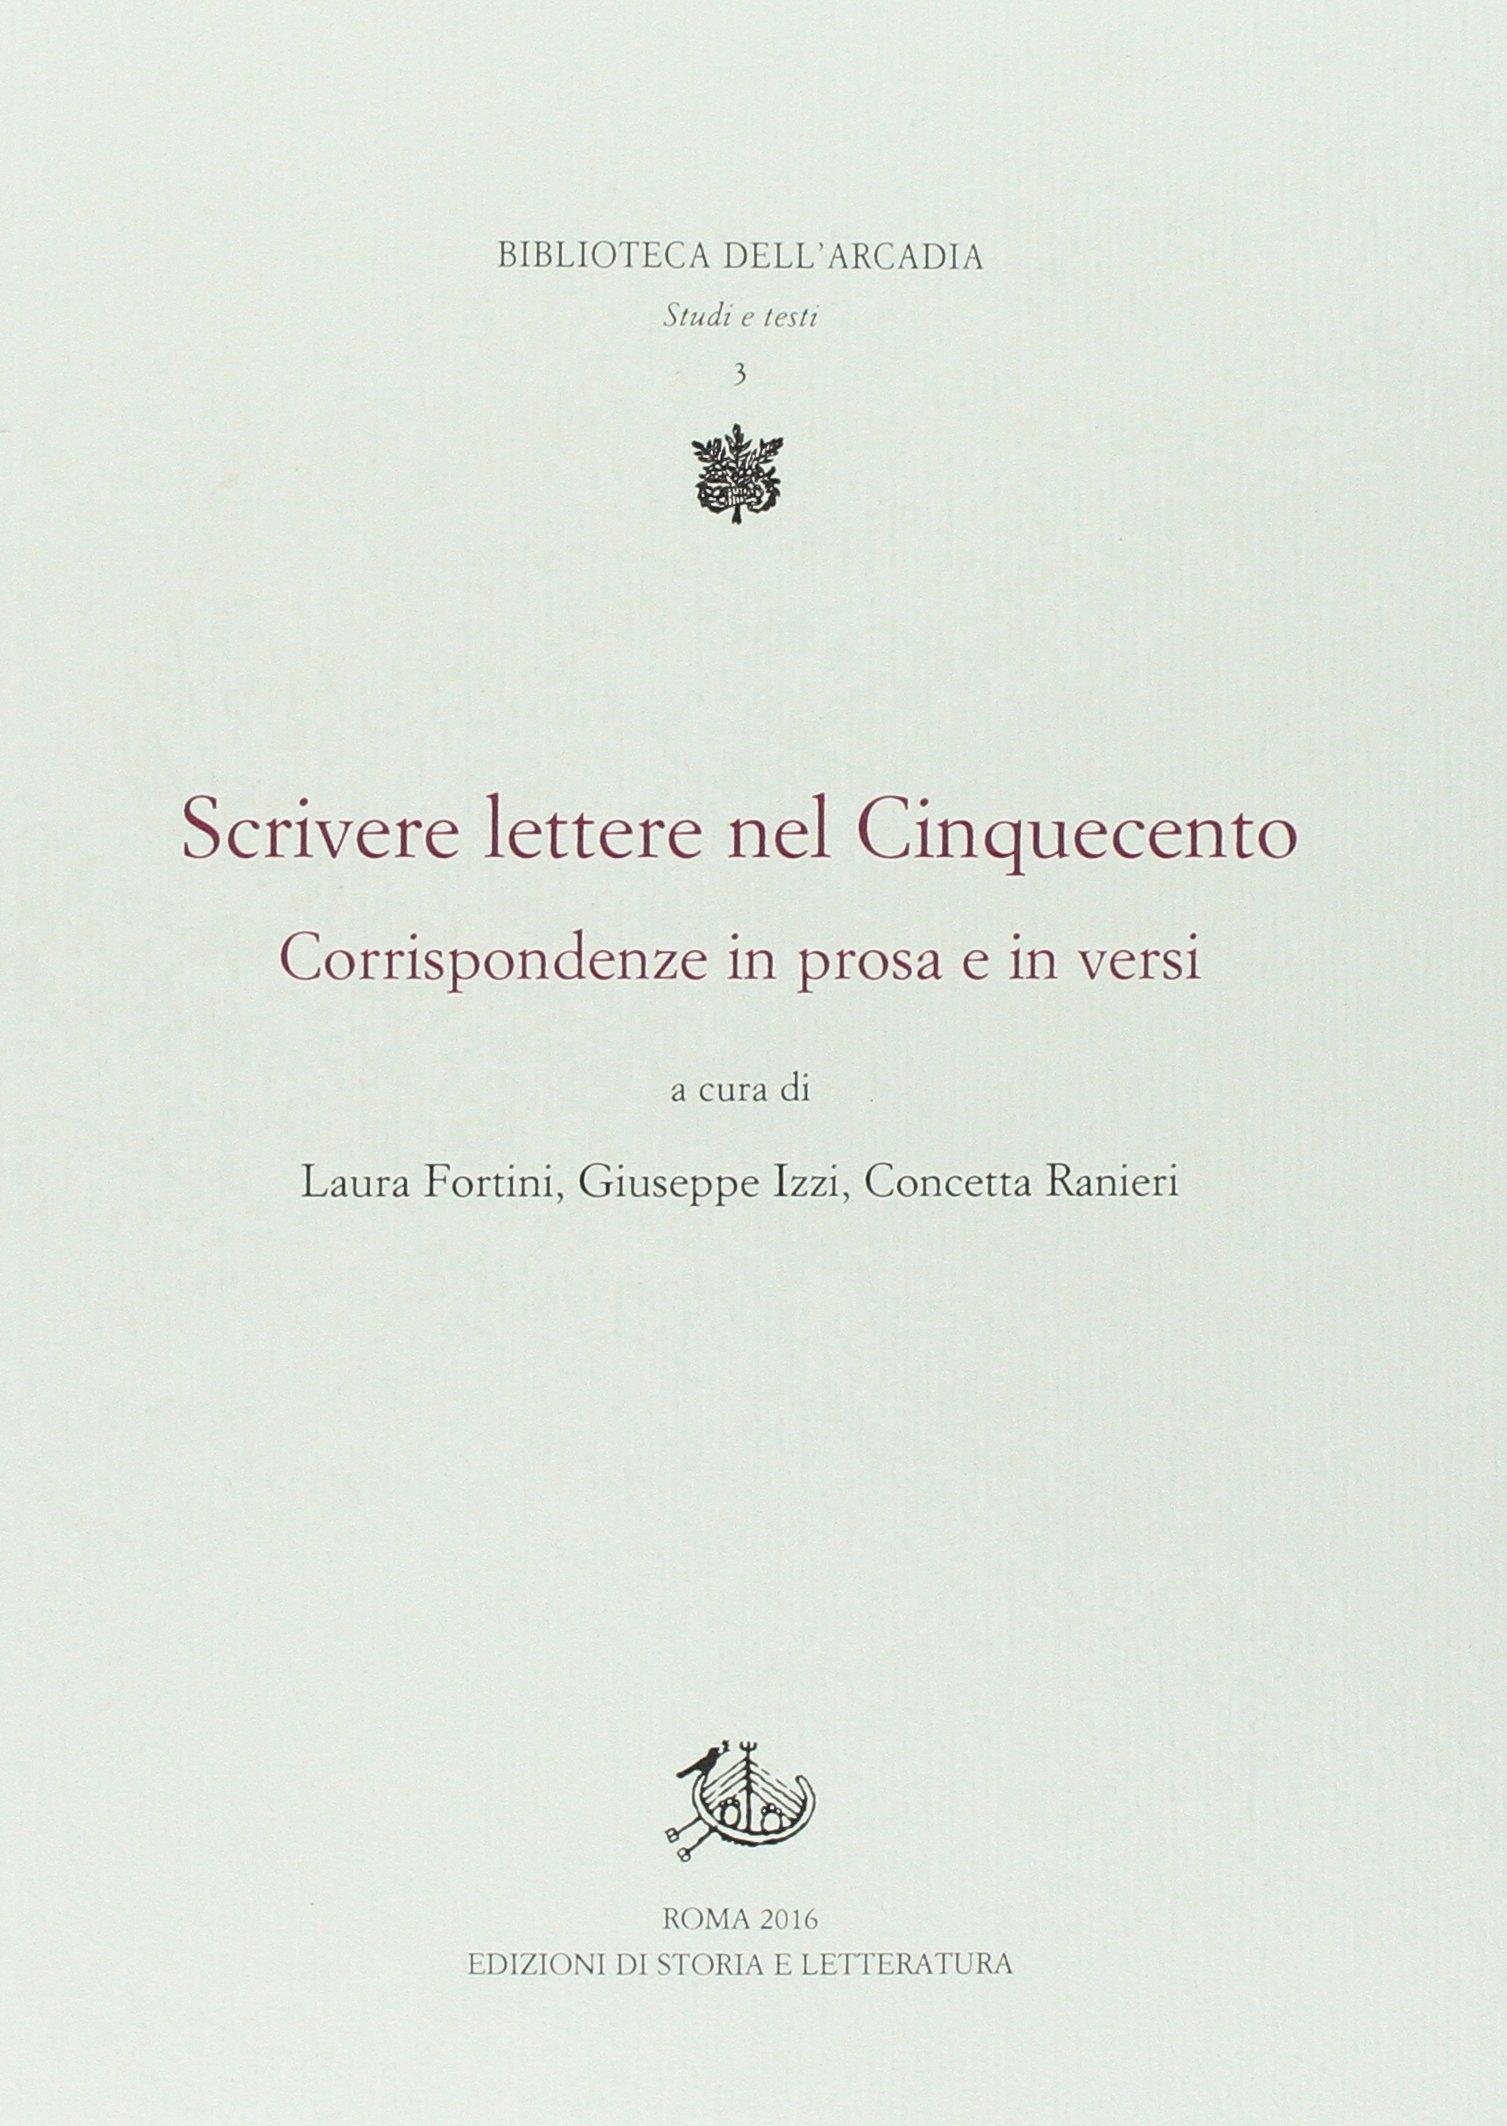 Scrivere lettere nel Cinquecento. Corrispondenze in prosa e in versi.